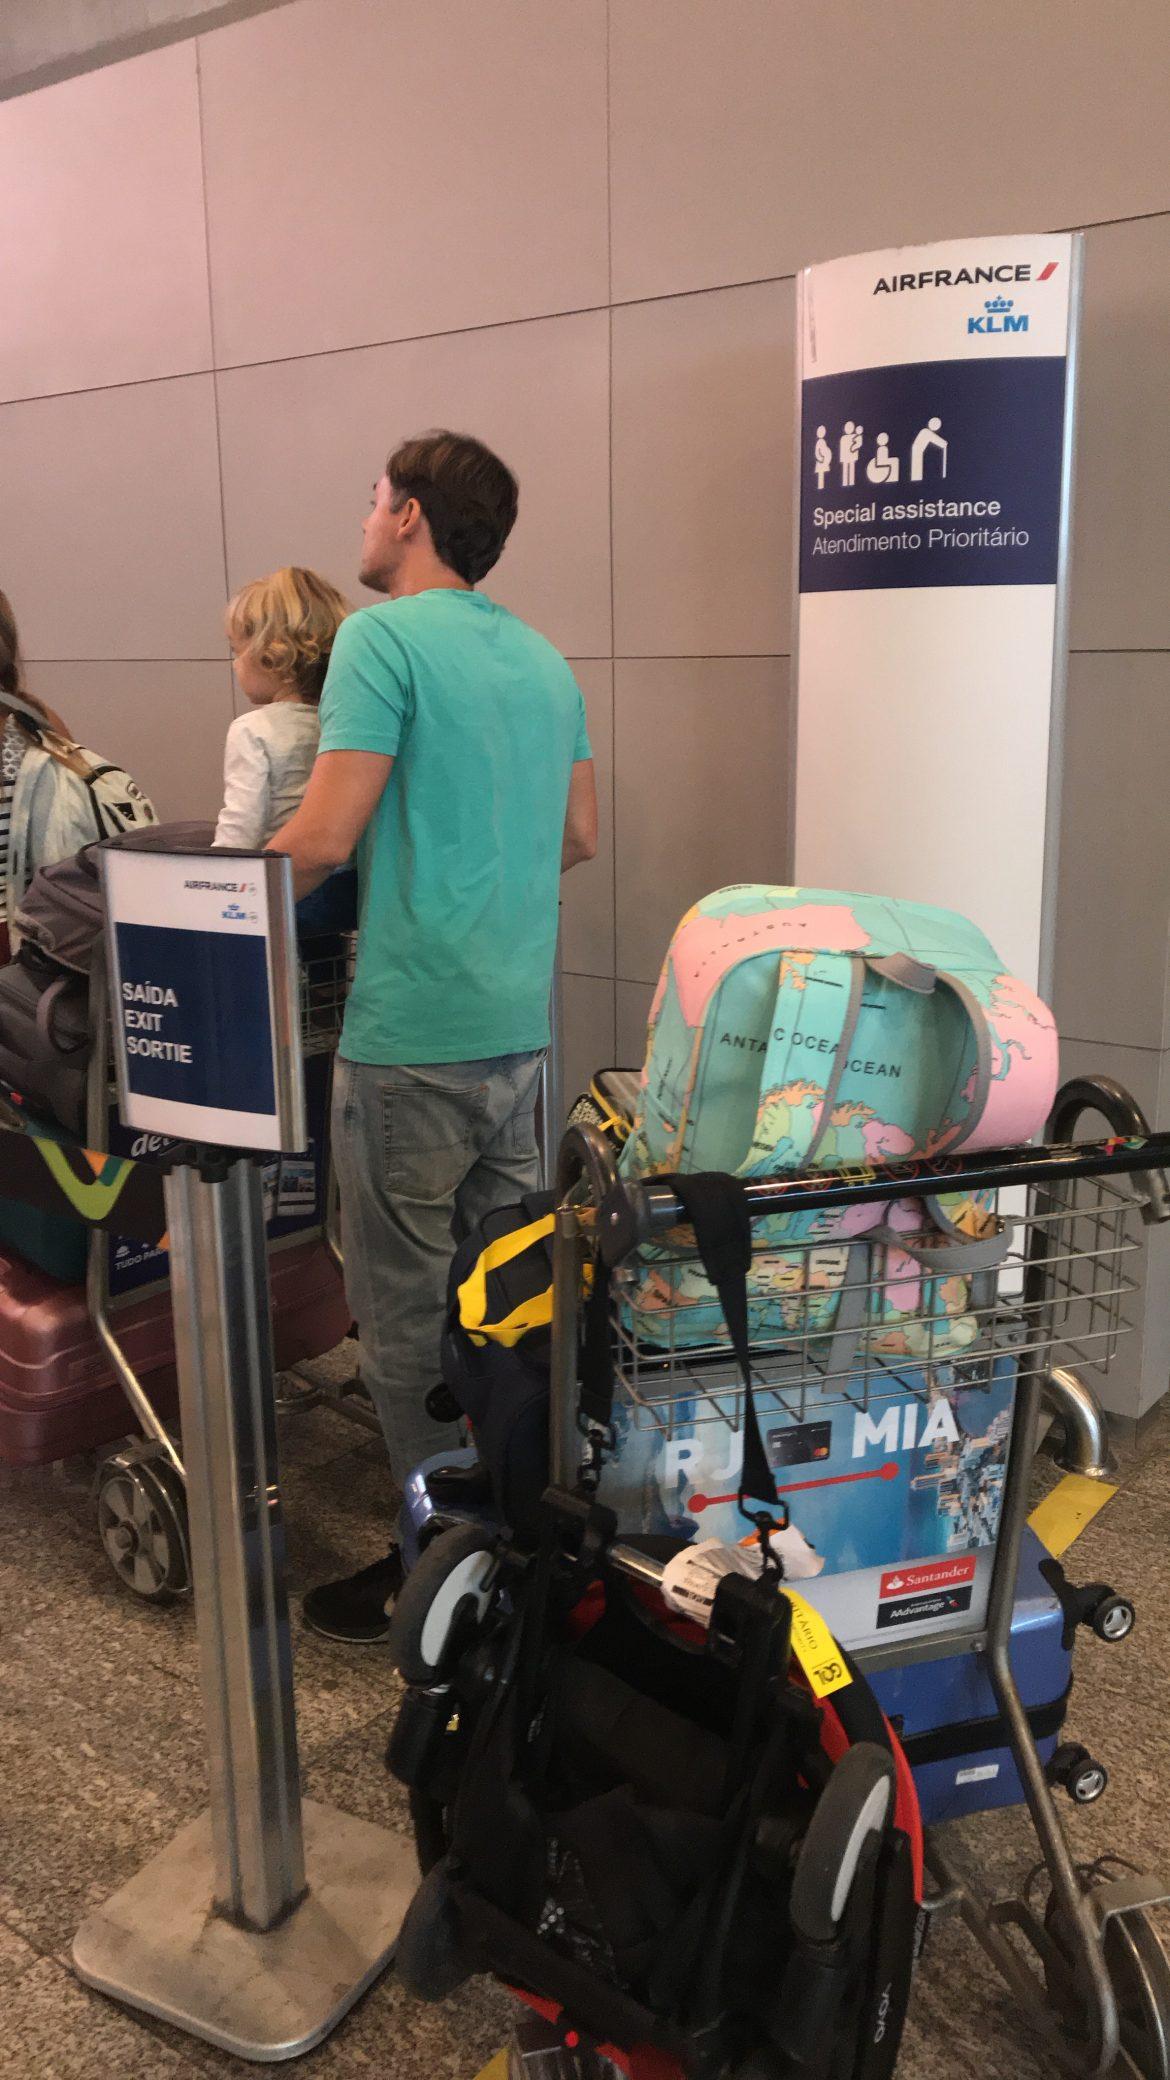 Prioridade em aeroporto para crianças de colo